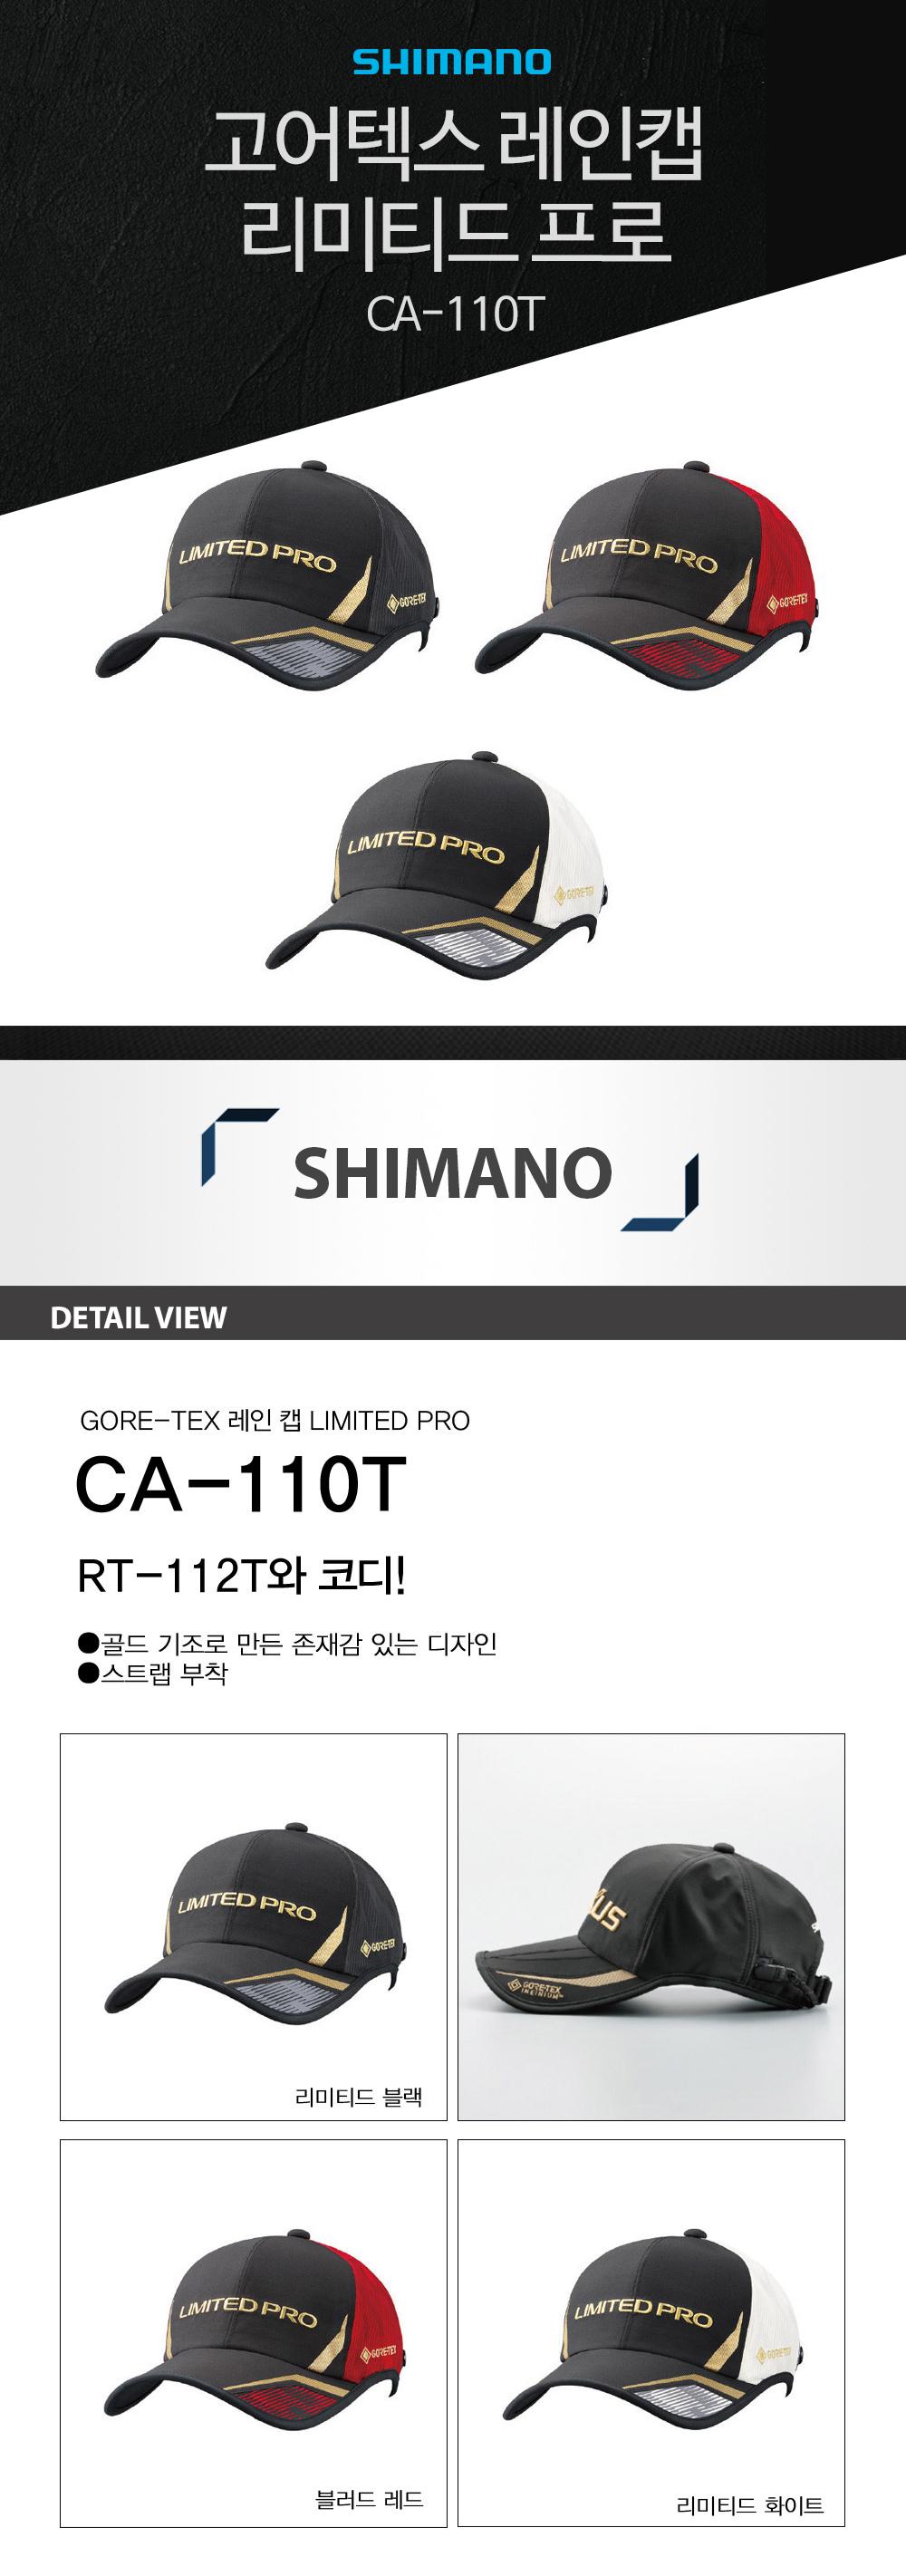 시마노 고어텍스 레인캡 리미티드 프로 CA-110T